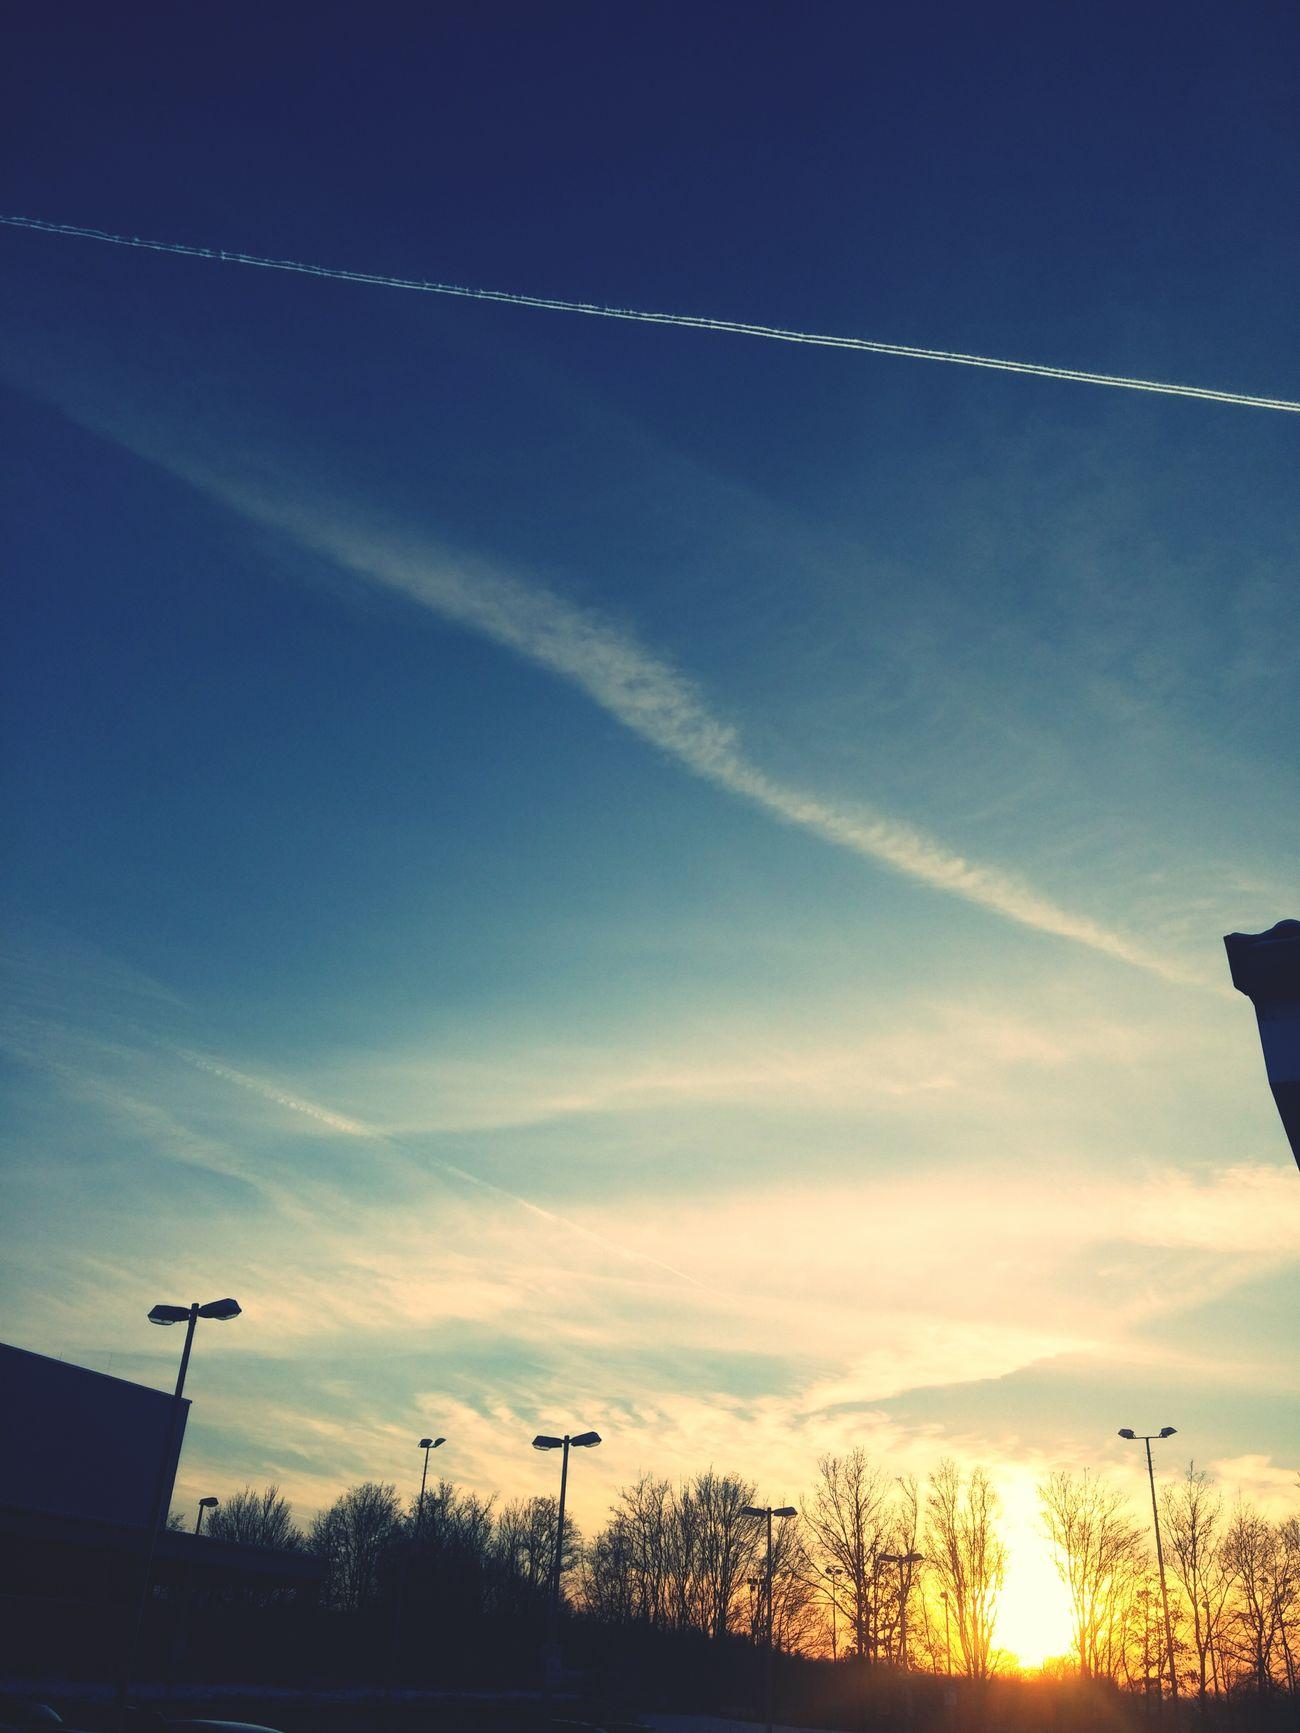 Sunset Sonnenuntergang Paderborn Germany Paderborn Upb Himmel Und Wolken Sky